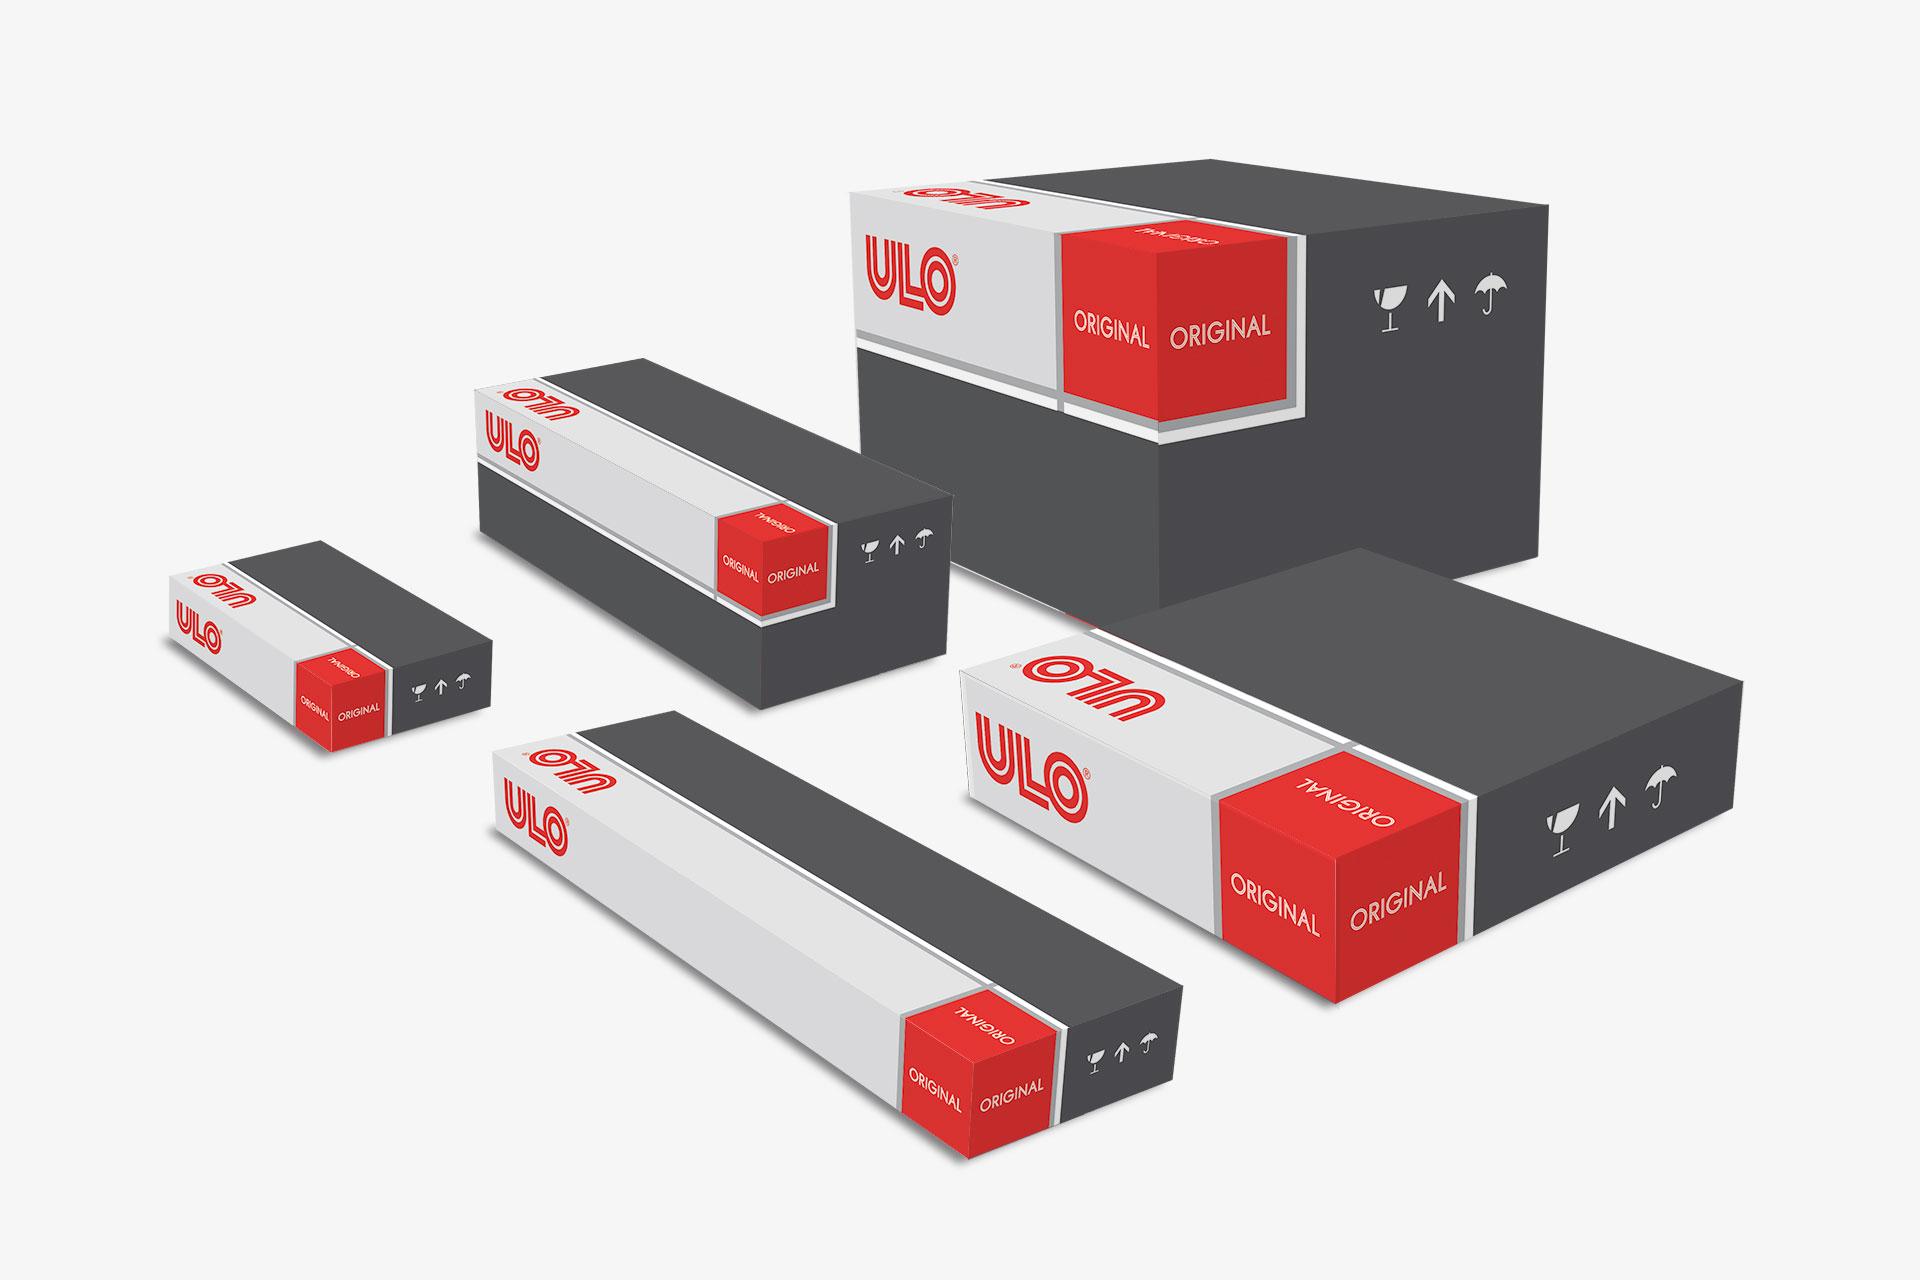 Verpackungsdesign für ULO Fahrzeugleuchten, Beispiel Verpackungsdesign Skalierbarkeit